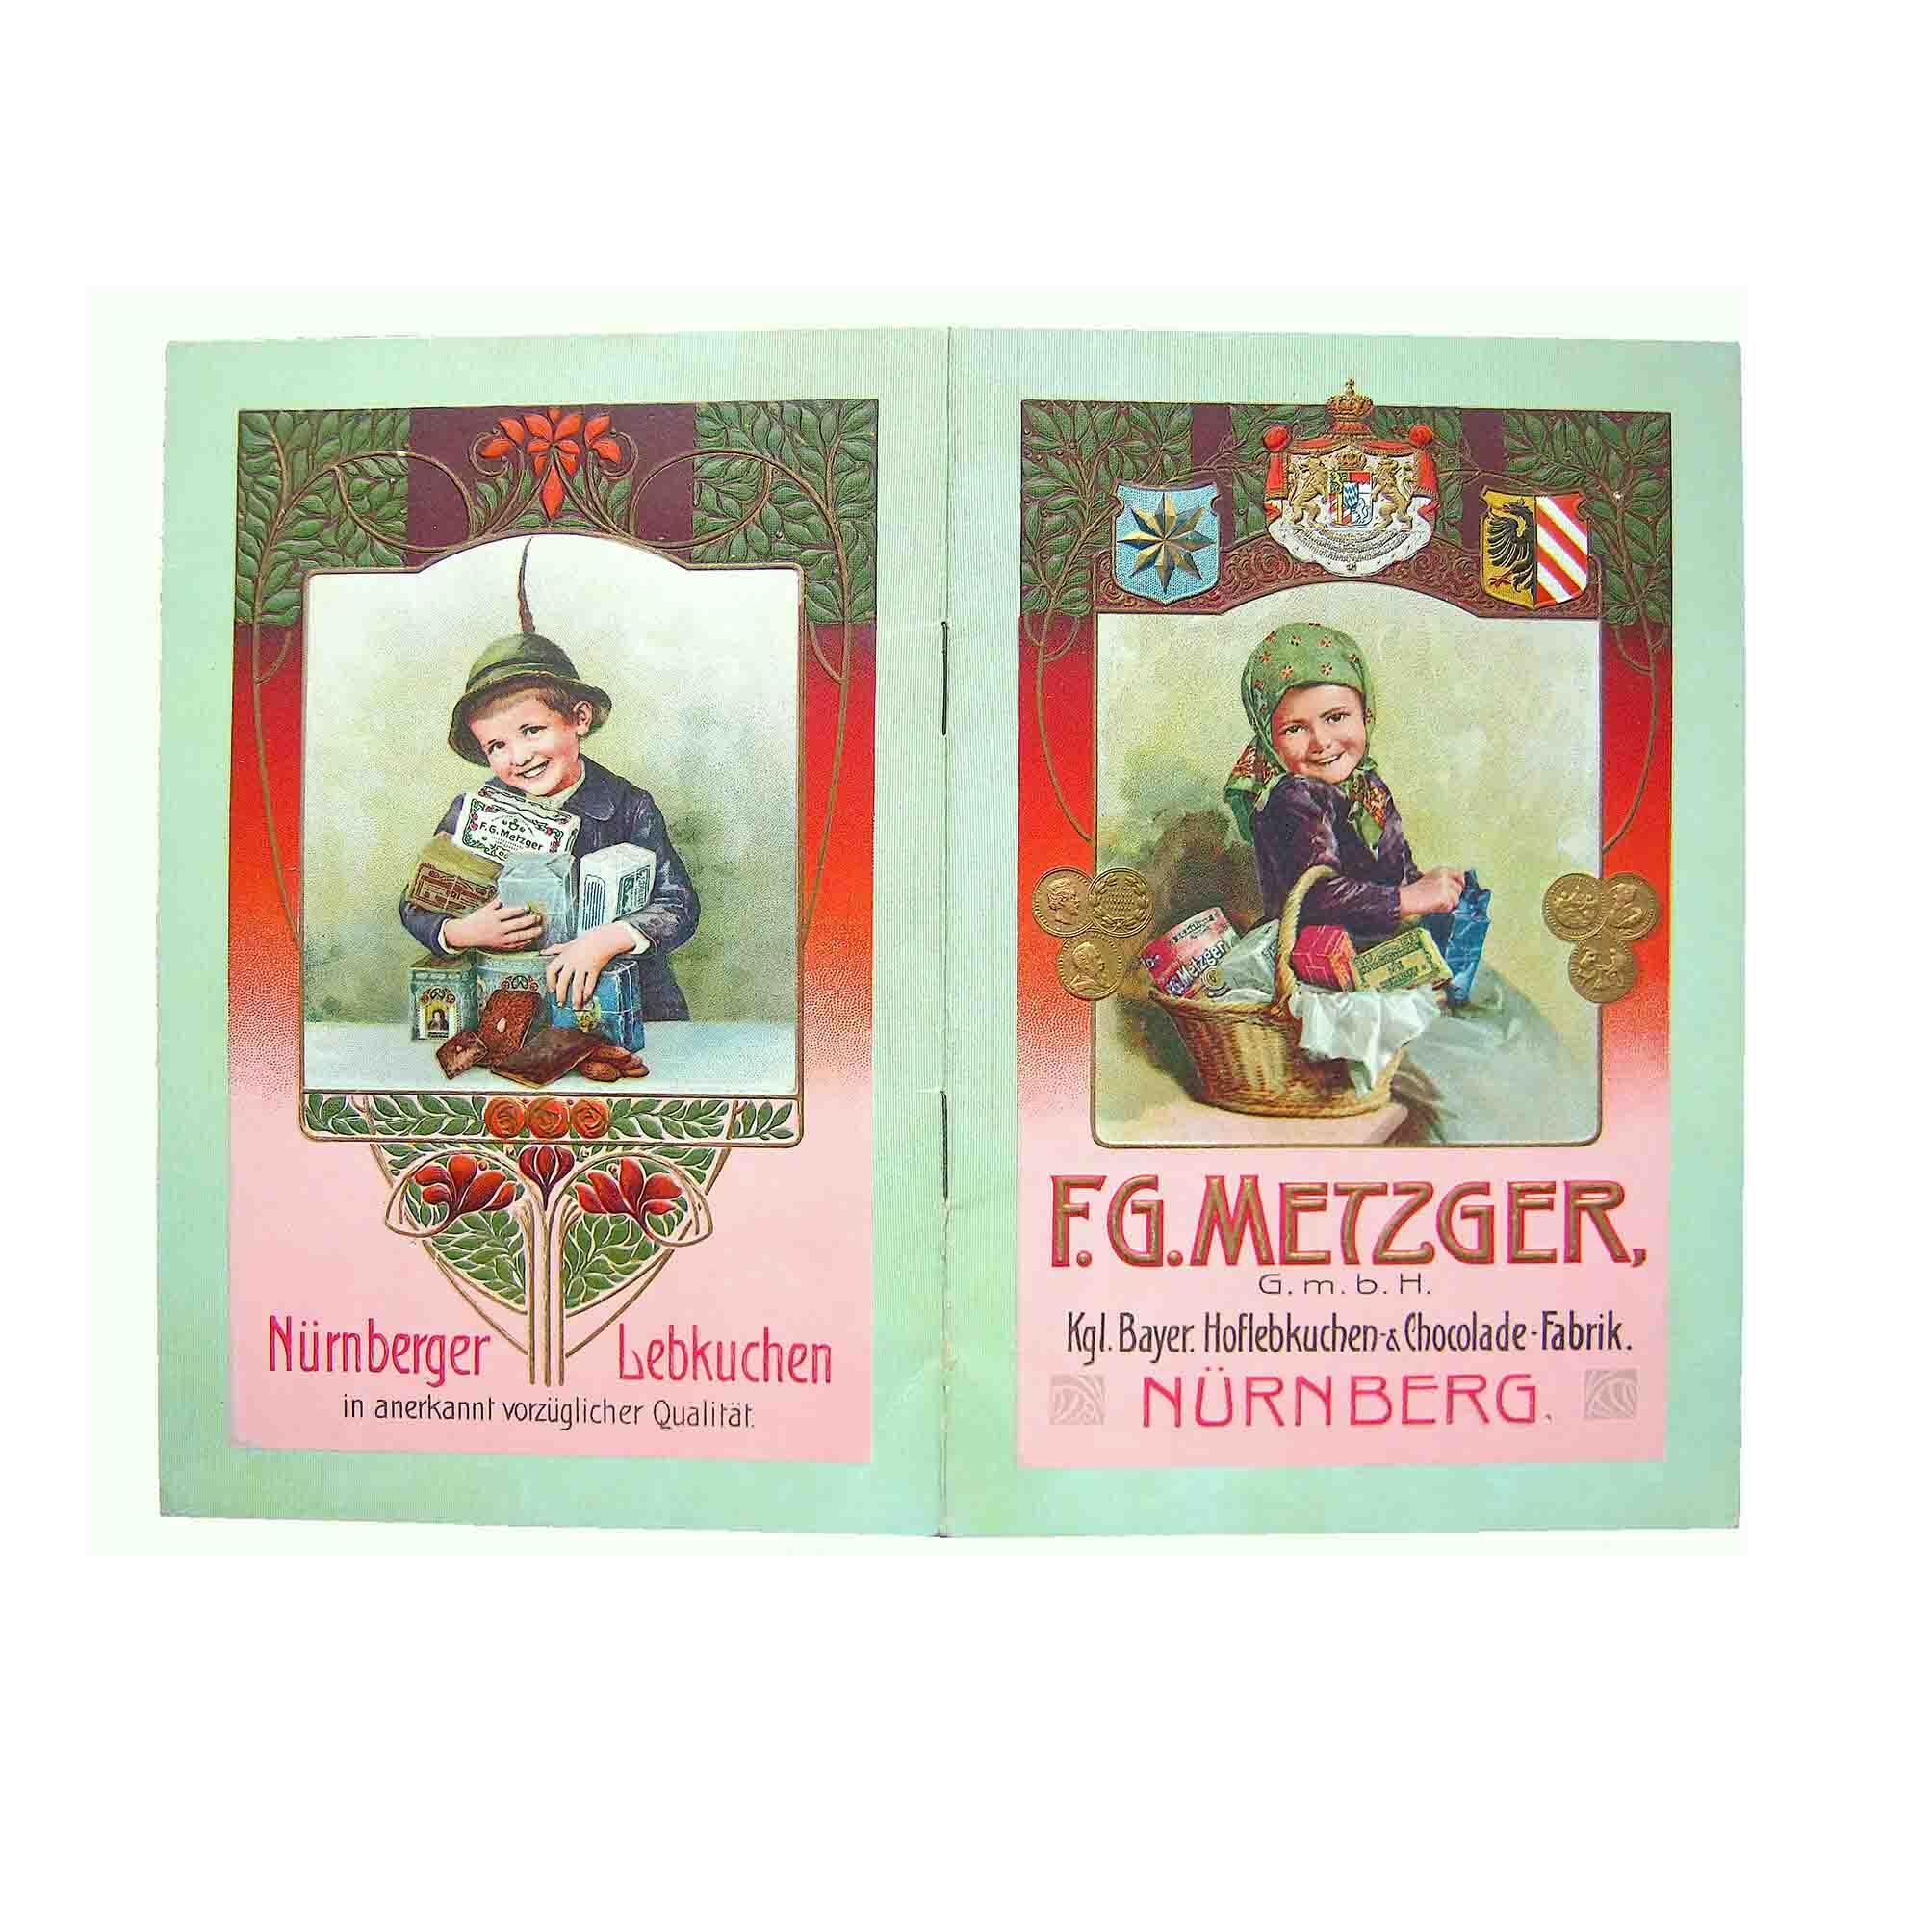 5661 Katalog Metzger Lebkuchen Nuernberg 1913 Umschlag frei N